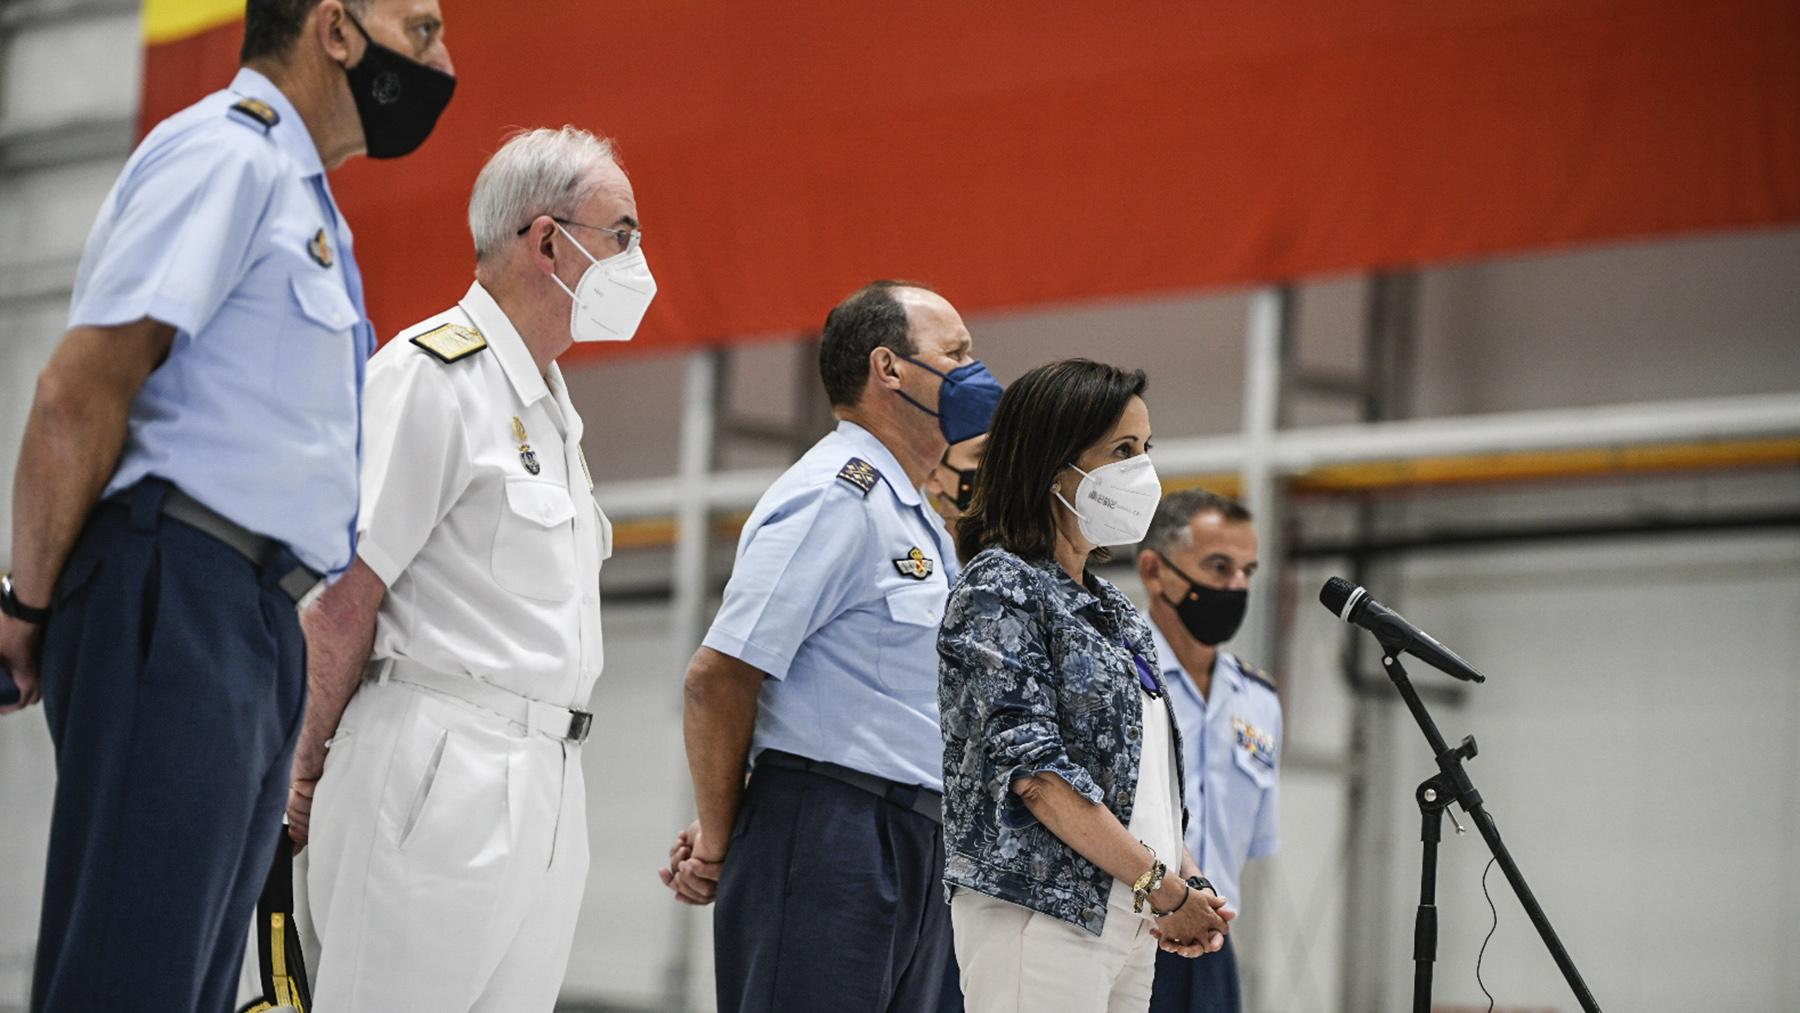 La ministra de Defensa, Margarita Robles, durante el recibimiento a los últimos militares procedentes de Afganistán.